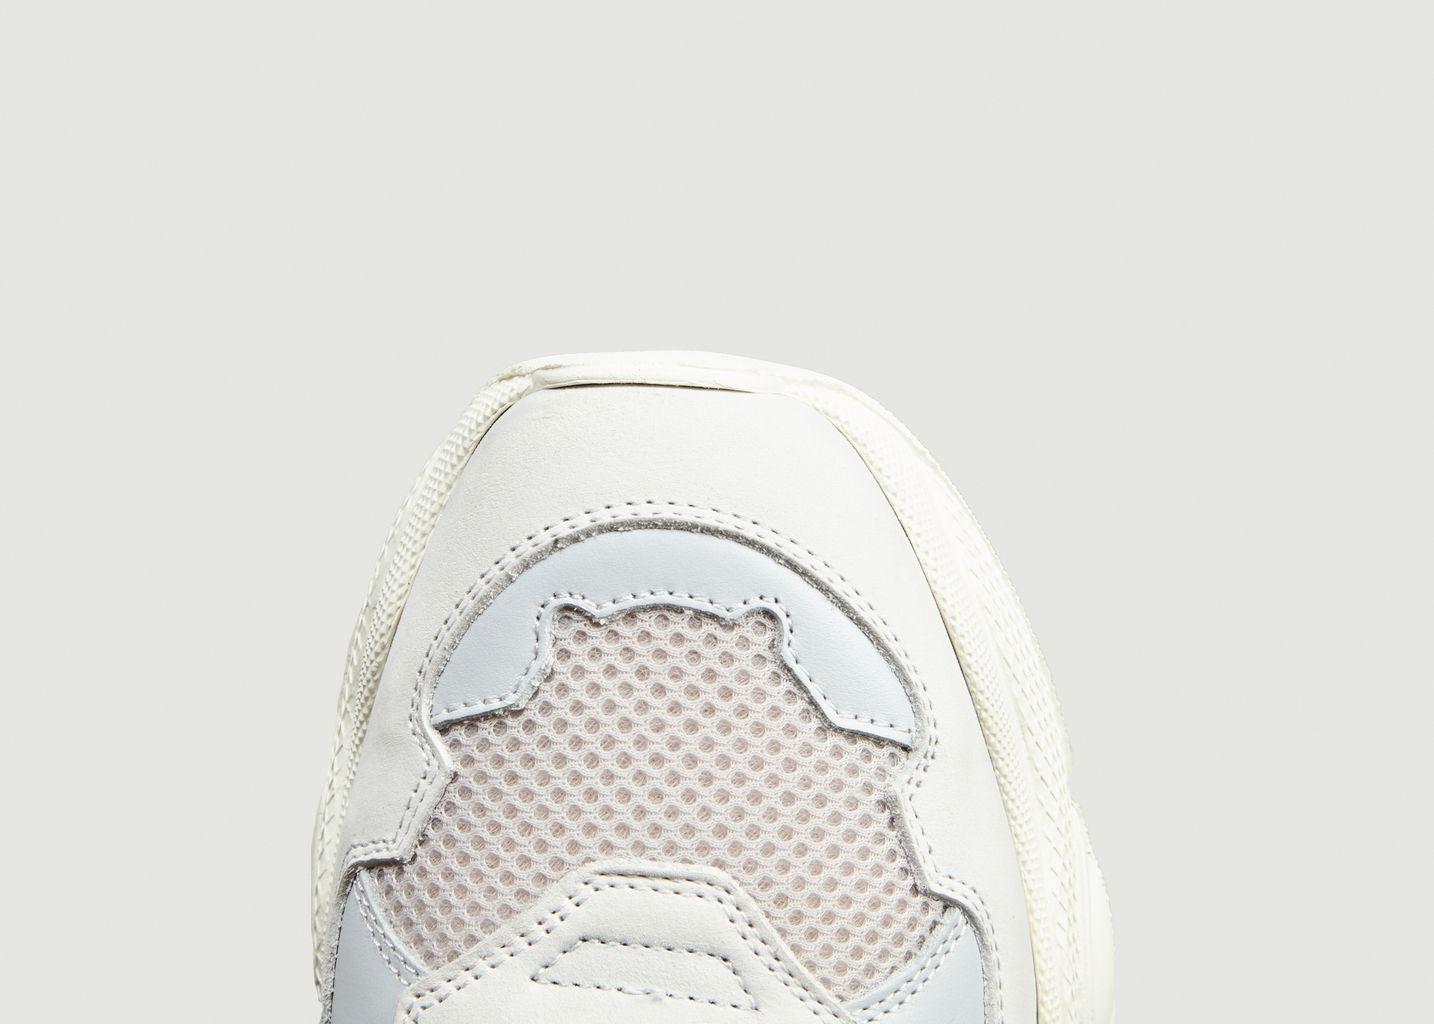 Sneakers Curve Runner White - IRO